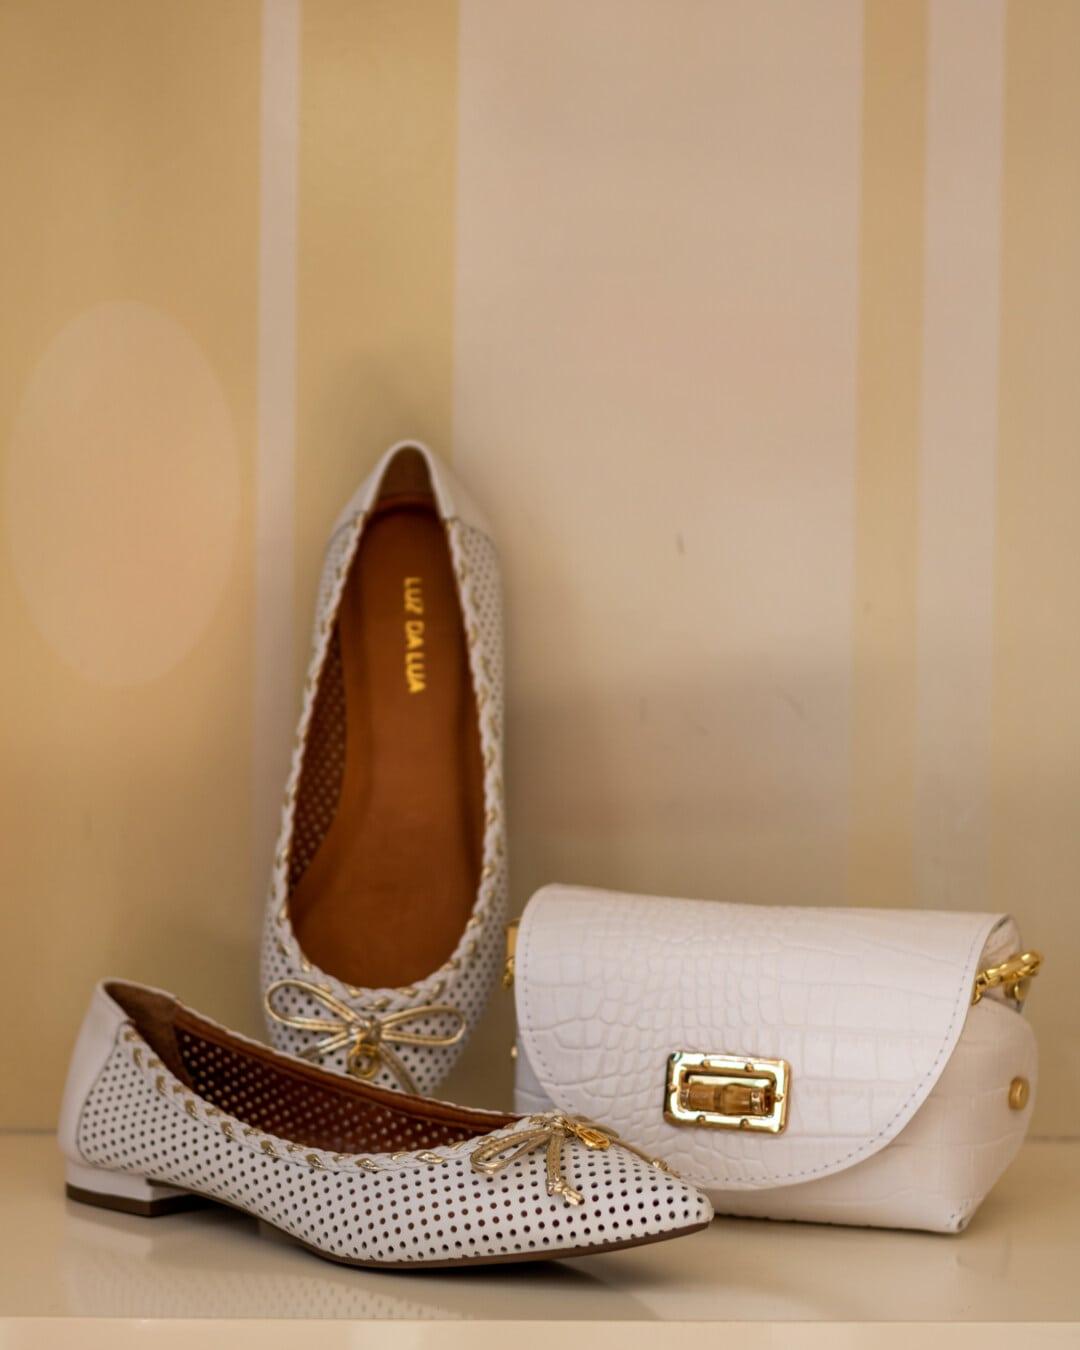 δέρμα, τσάντα, λευκό, κομψό, Παπούτσια, φαντασία, παπούτσι, υποδήματα, που καλύπτει, κλασικό